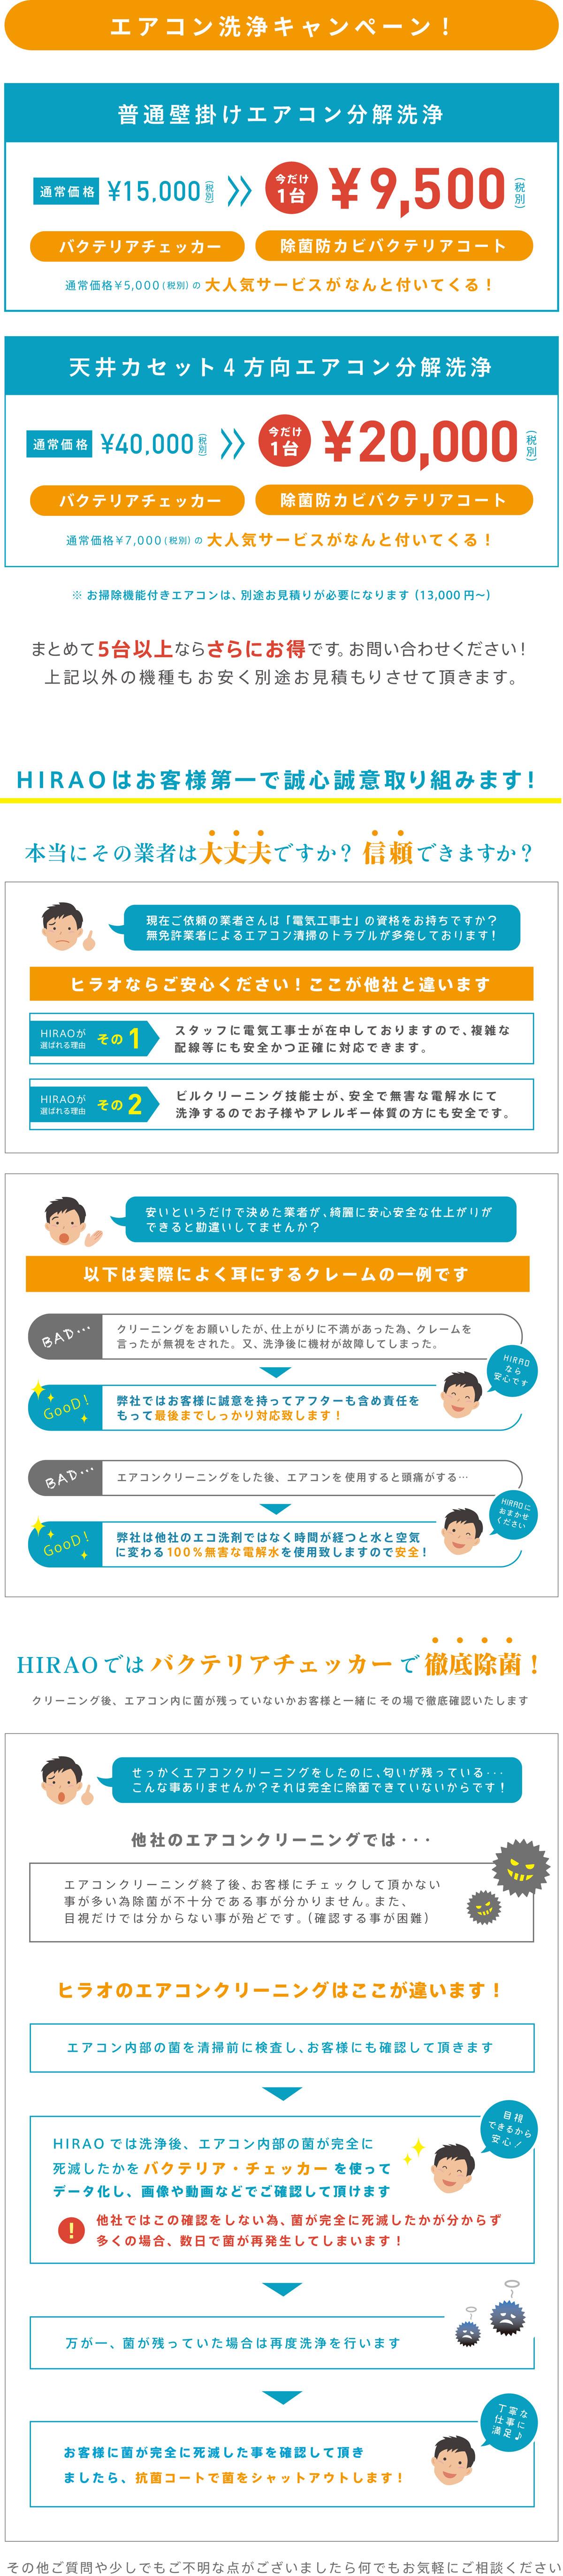 2月よりエアコンクリーニング強化キャンペーン開始致します。滋賀 京都 大阪